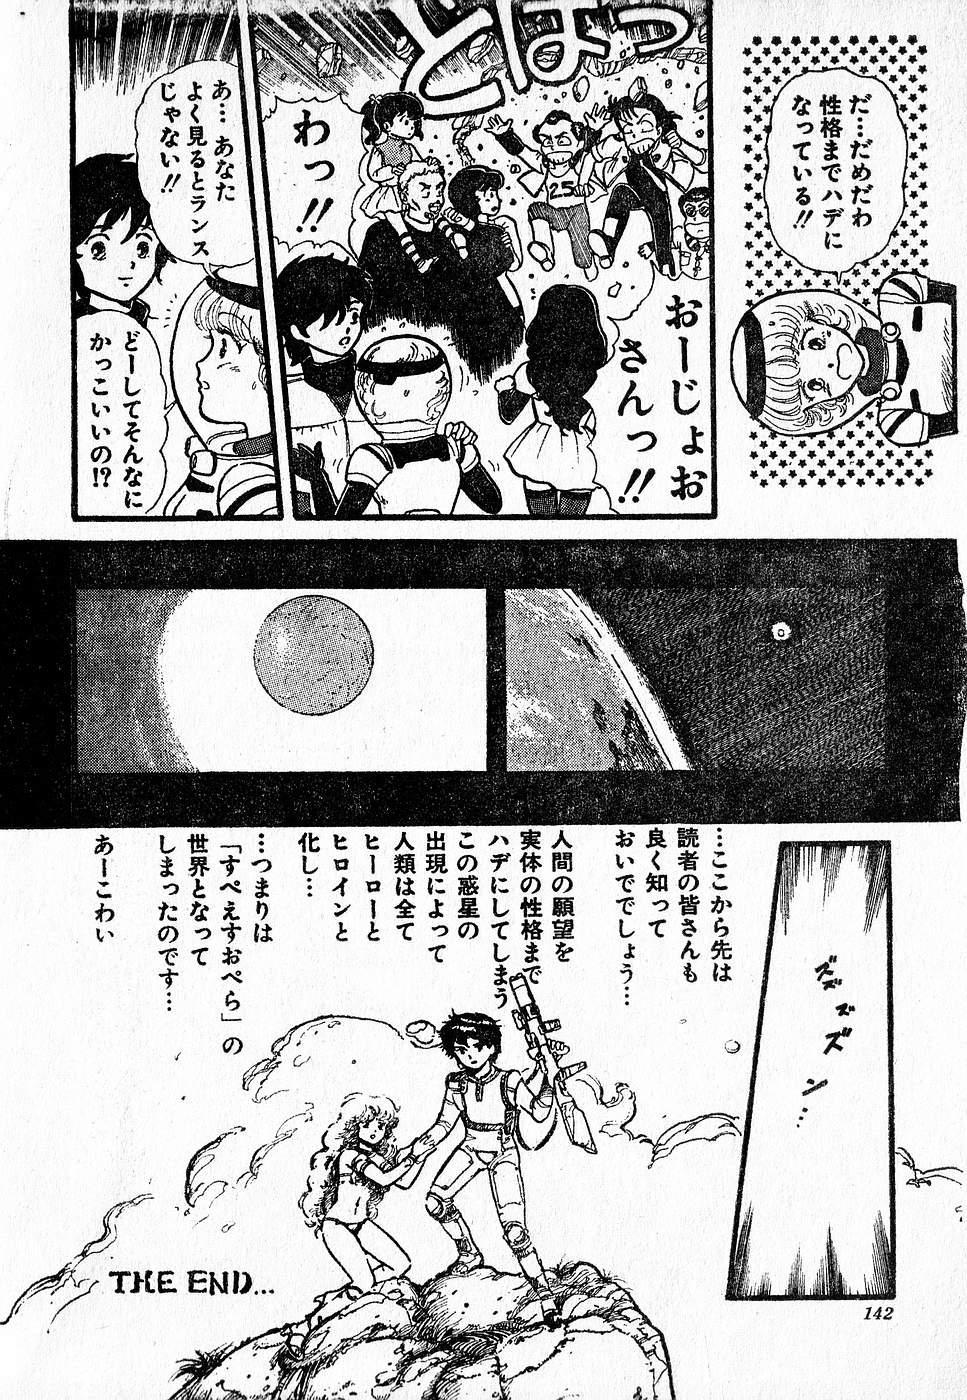 COMIC Lolipop 1985-10 Soukanjunbigou Aki 141